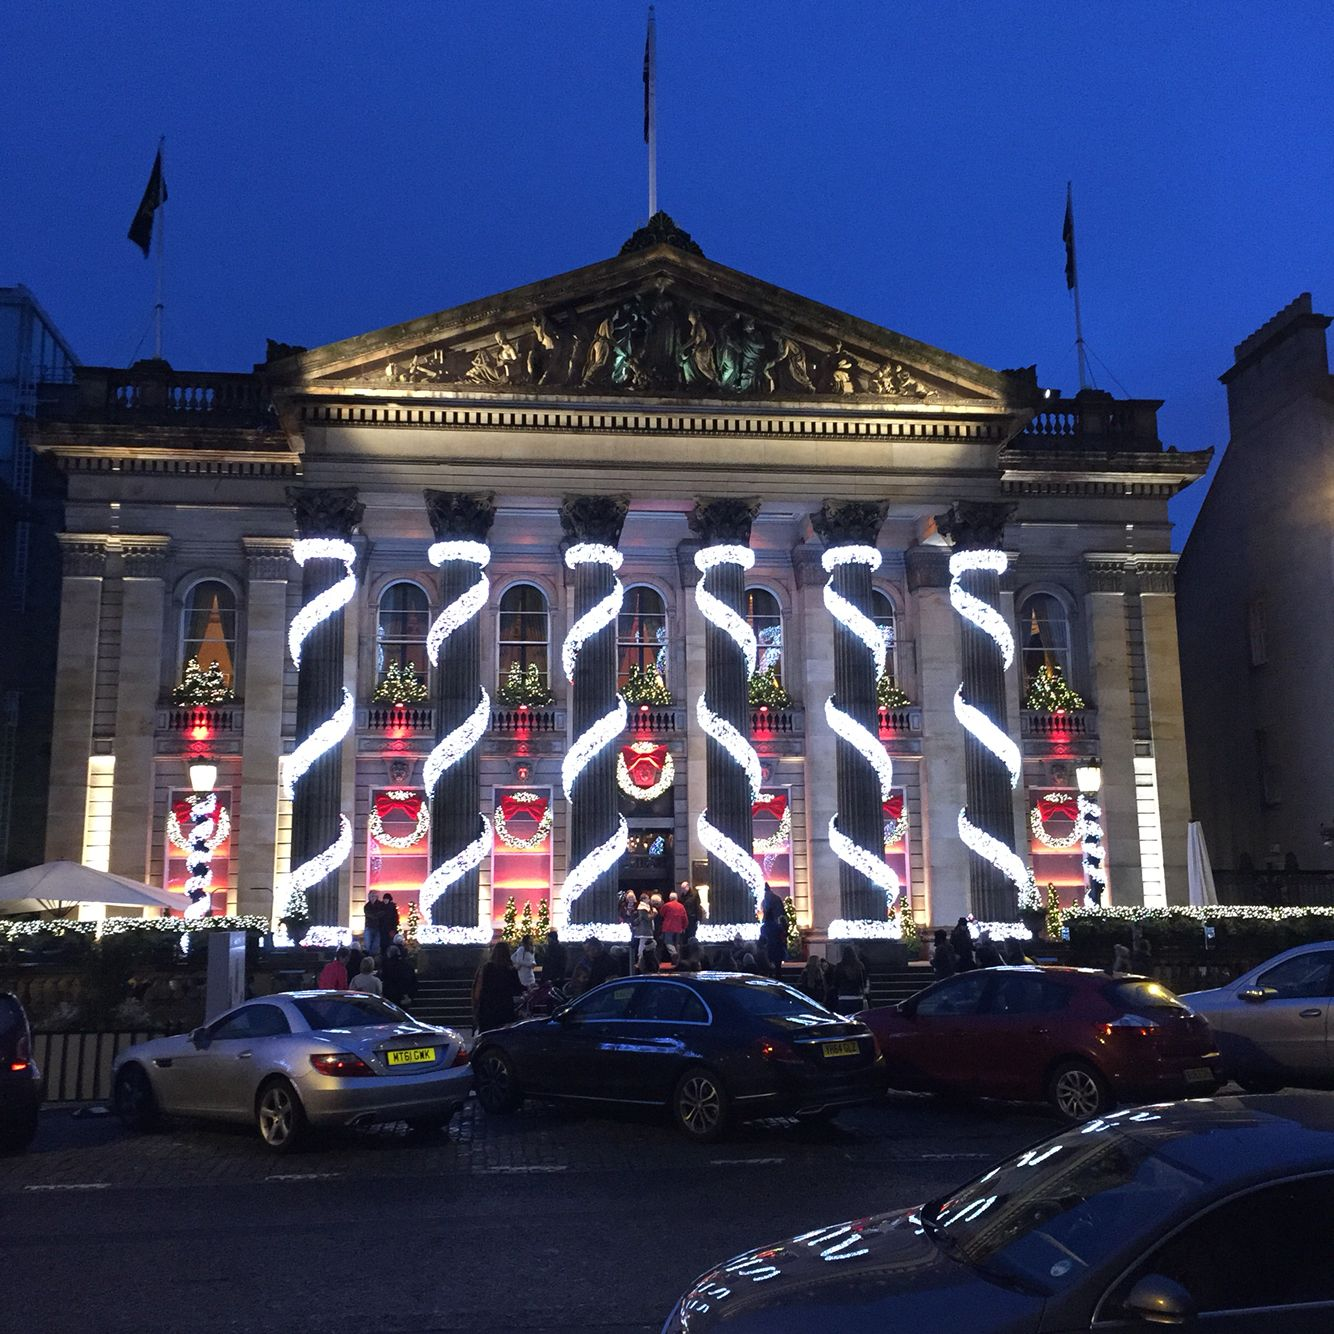 #Edinburgh #Christmas